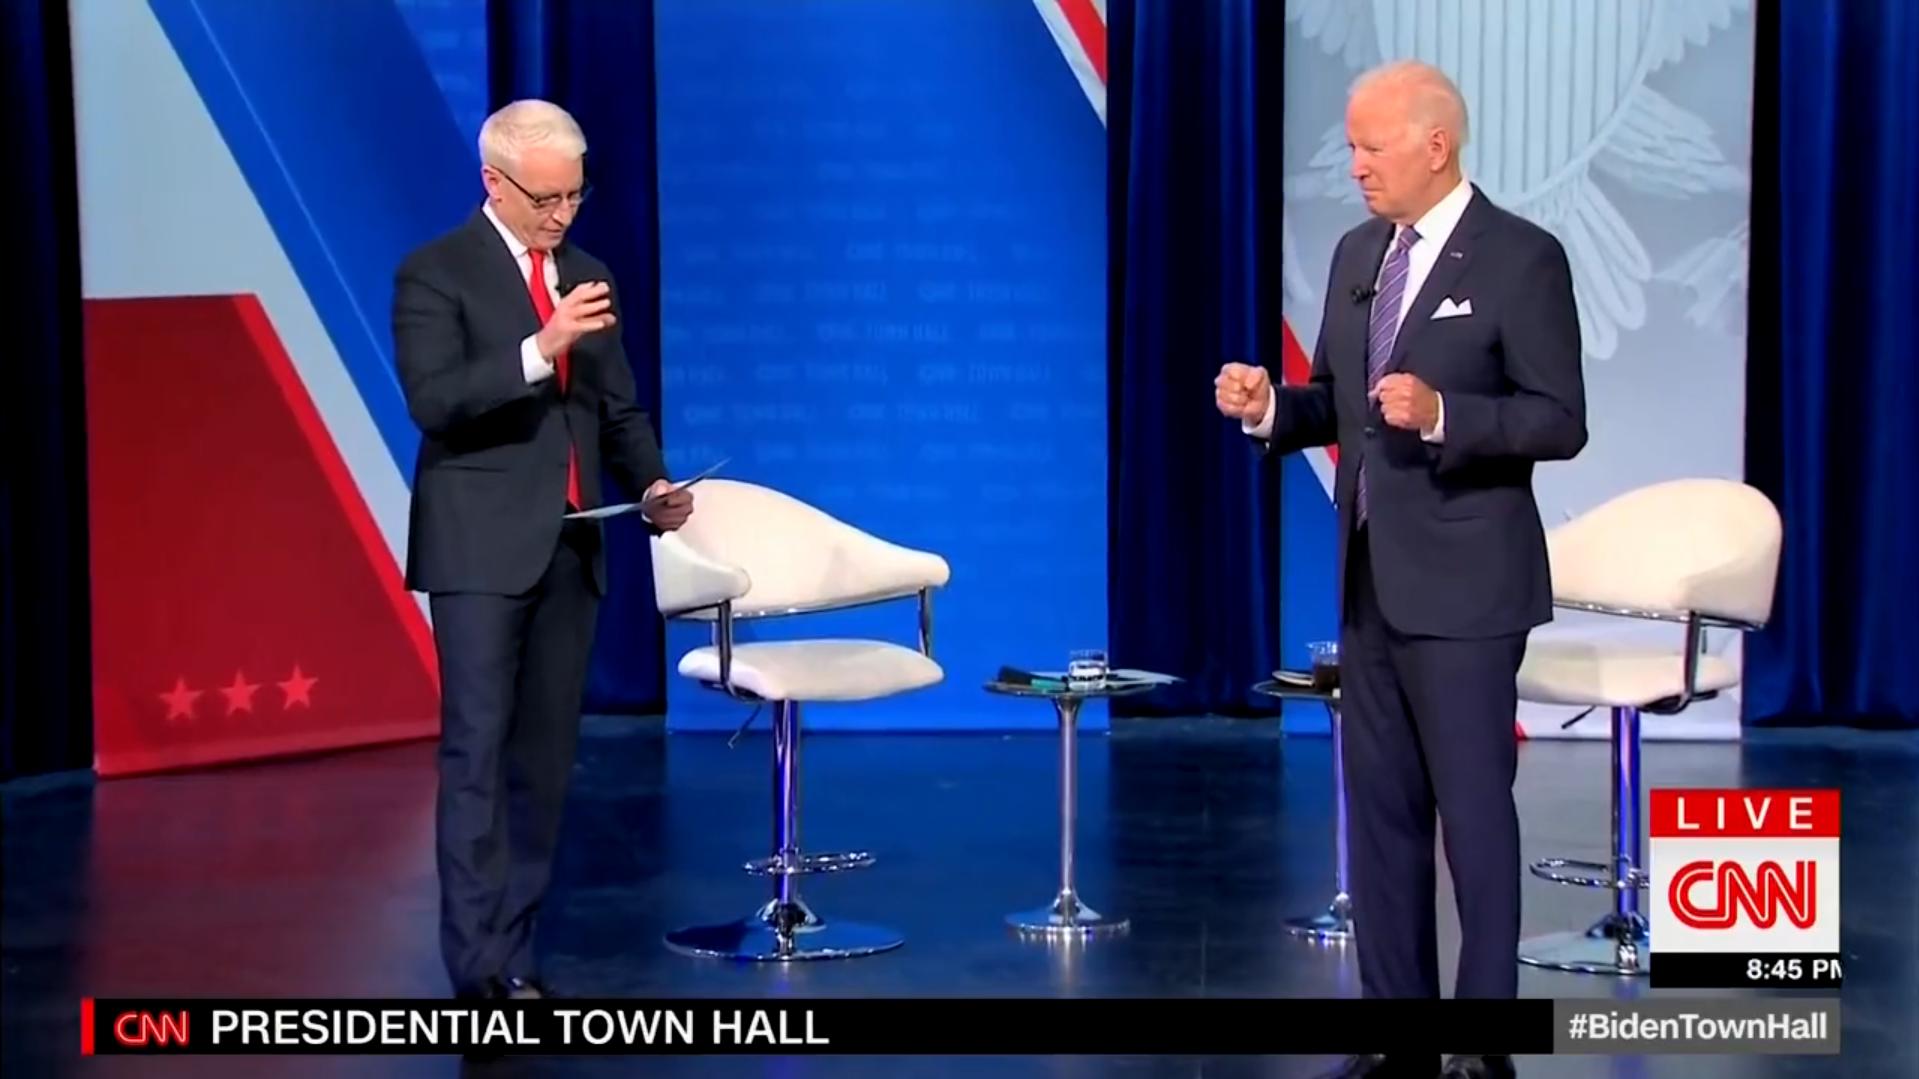 Joe Biden'den canlı yayında anlamsız hareketler